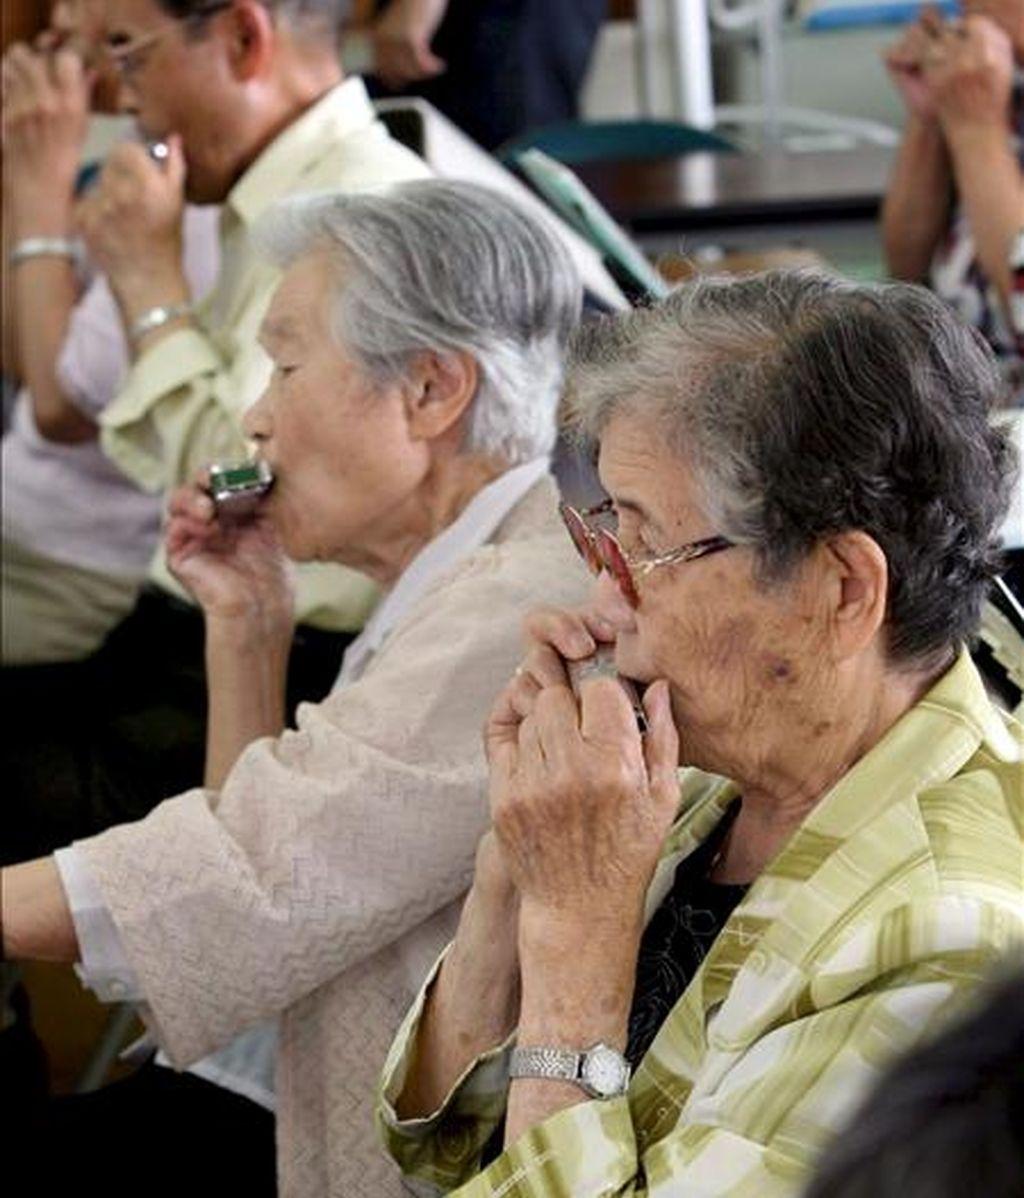 Fotografía de archivo, de algunas ancianas japonesas recibiendo clases de armónica en la ciudad de Hamamatsu, en la provincia de Shizuoka. Las japonesas son las mujeres más longevas del mundo, con una esperanza media de vida de 86,44 años, de acuerdo con un informe del Ministerio nipón de Sanidad. EFE/Archivo